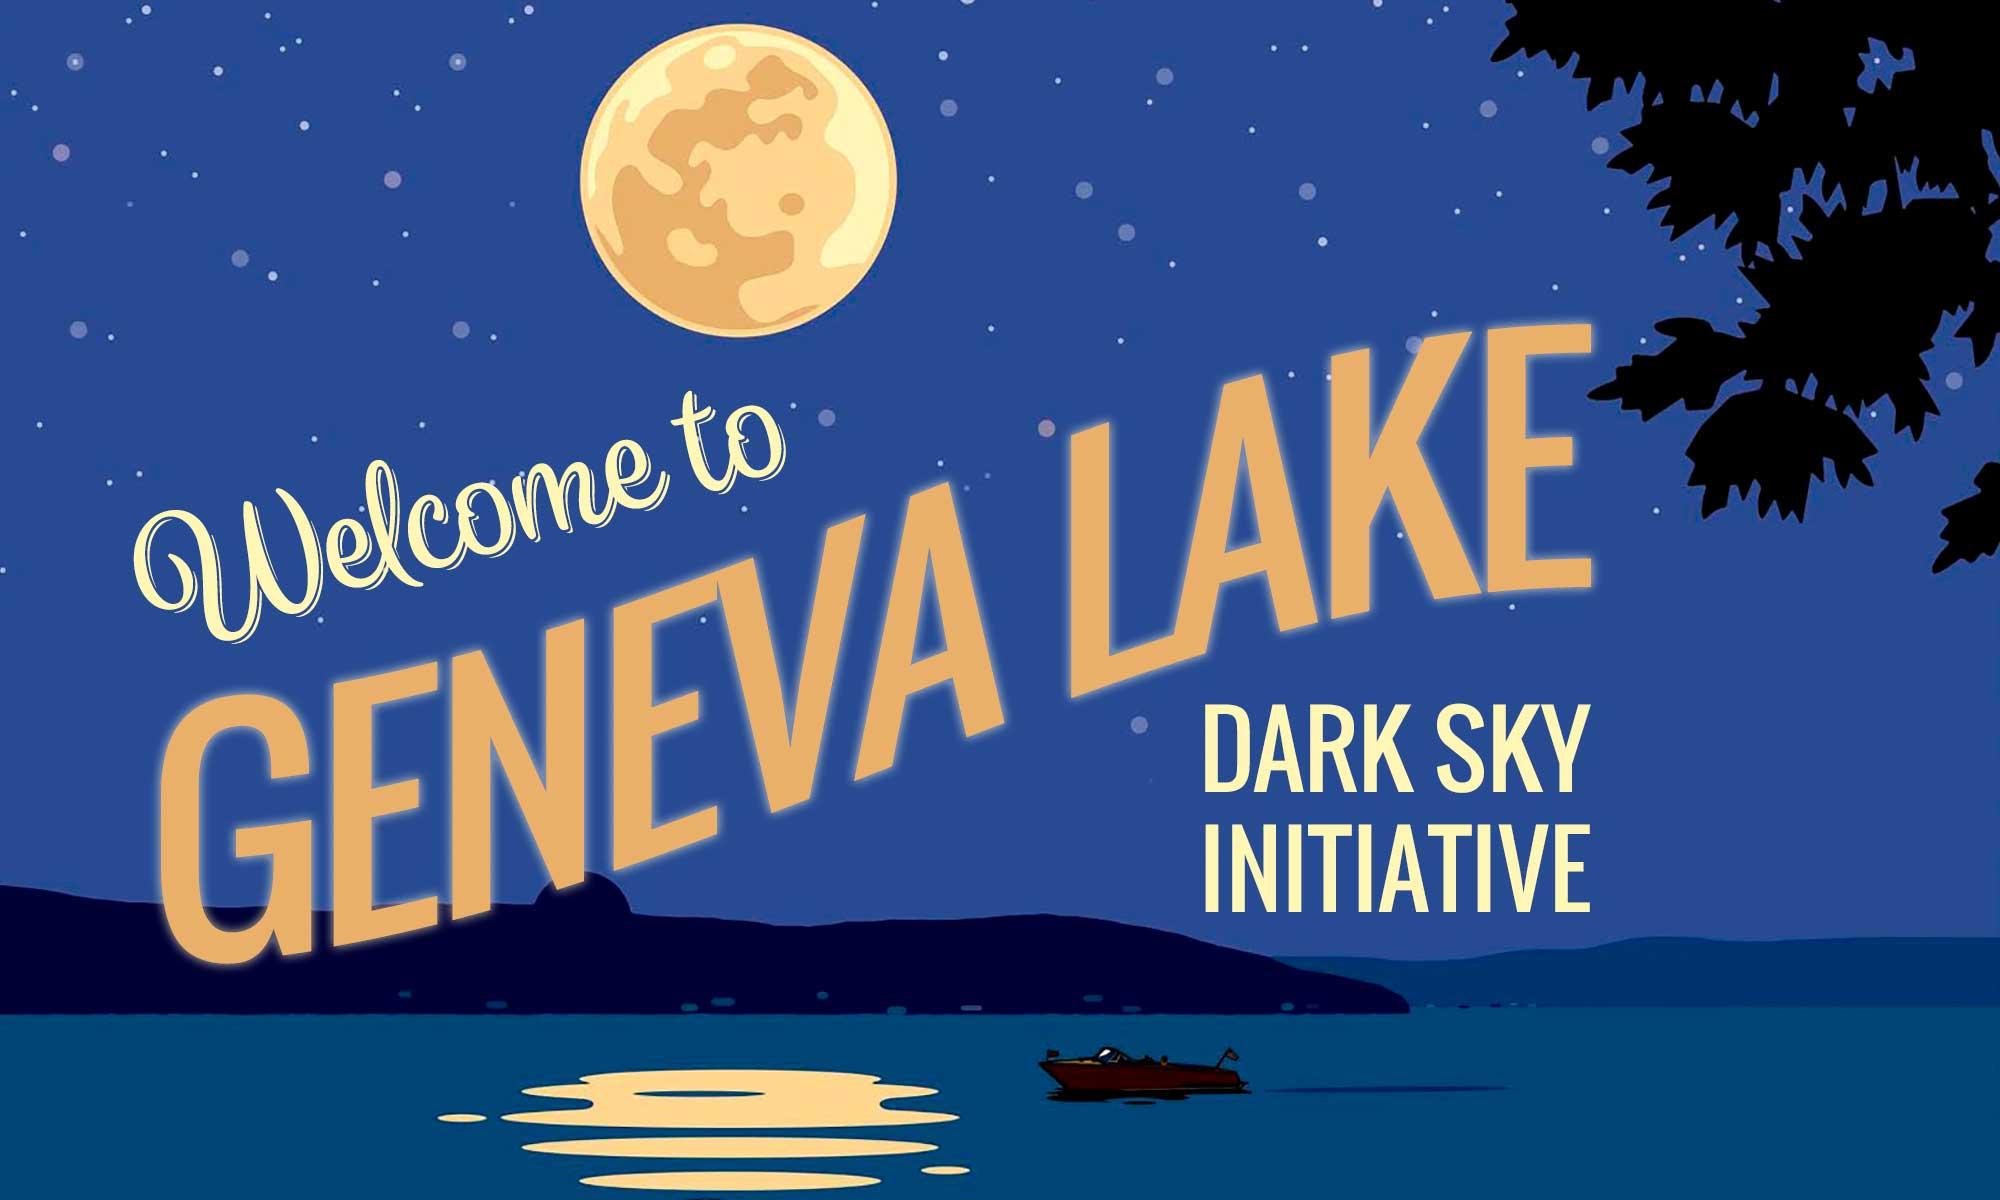 Geneva Lake Dark Sky Initiative